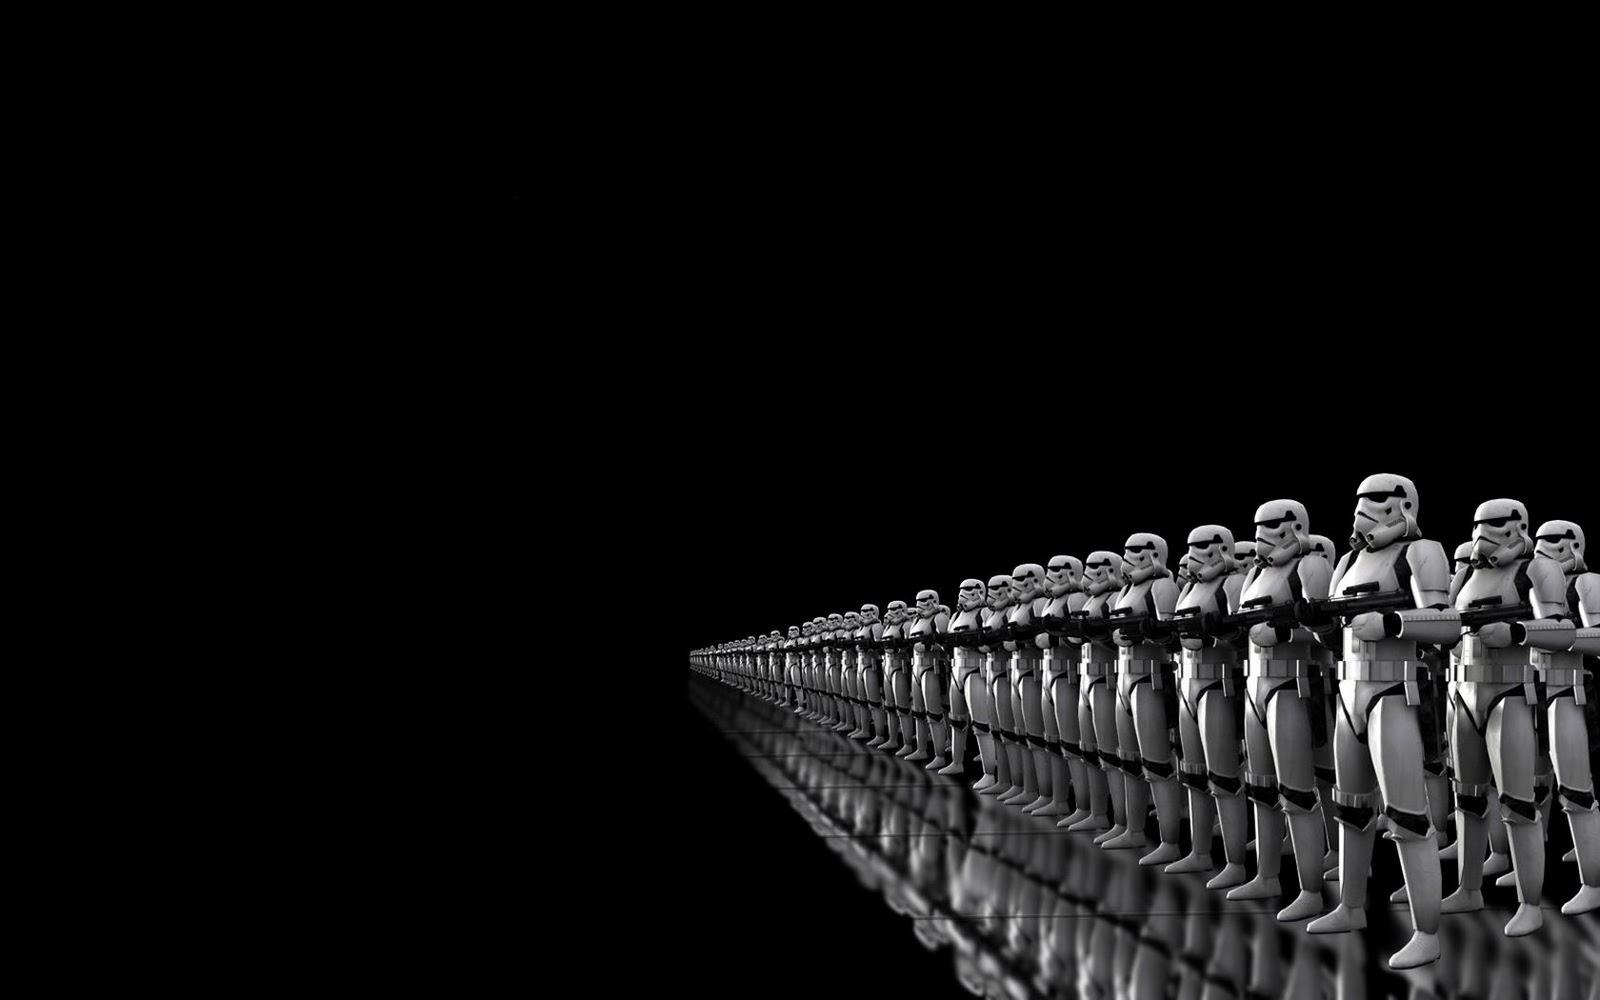 STAR WAR WALLPAPER Cool Star Wars Backgrounds 1600x1000